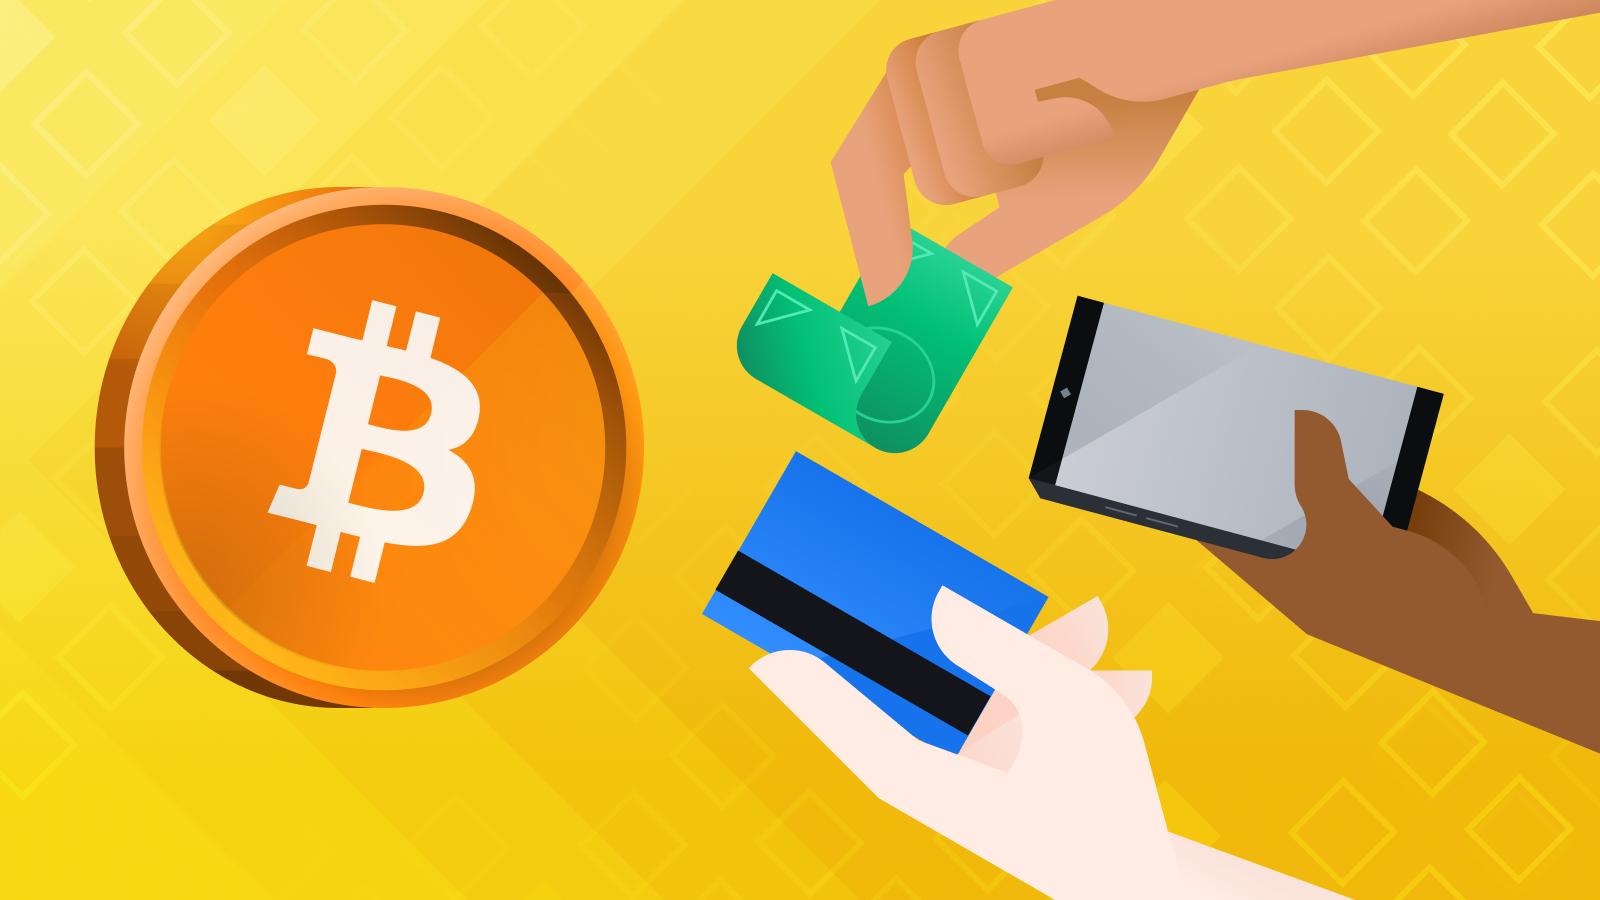 hogyan lehet bitcoinot vásárolni binance-on)